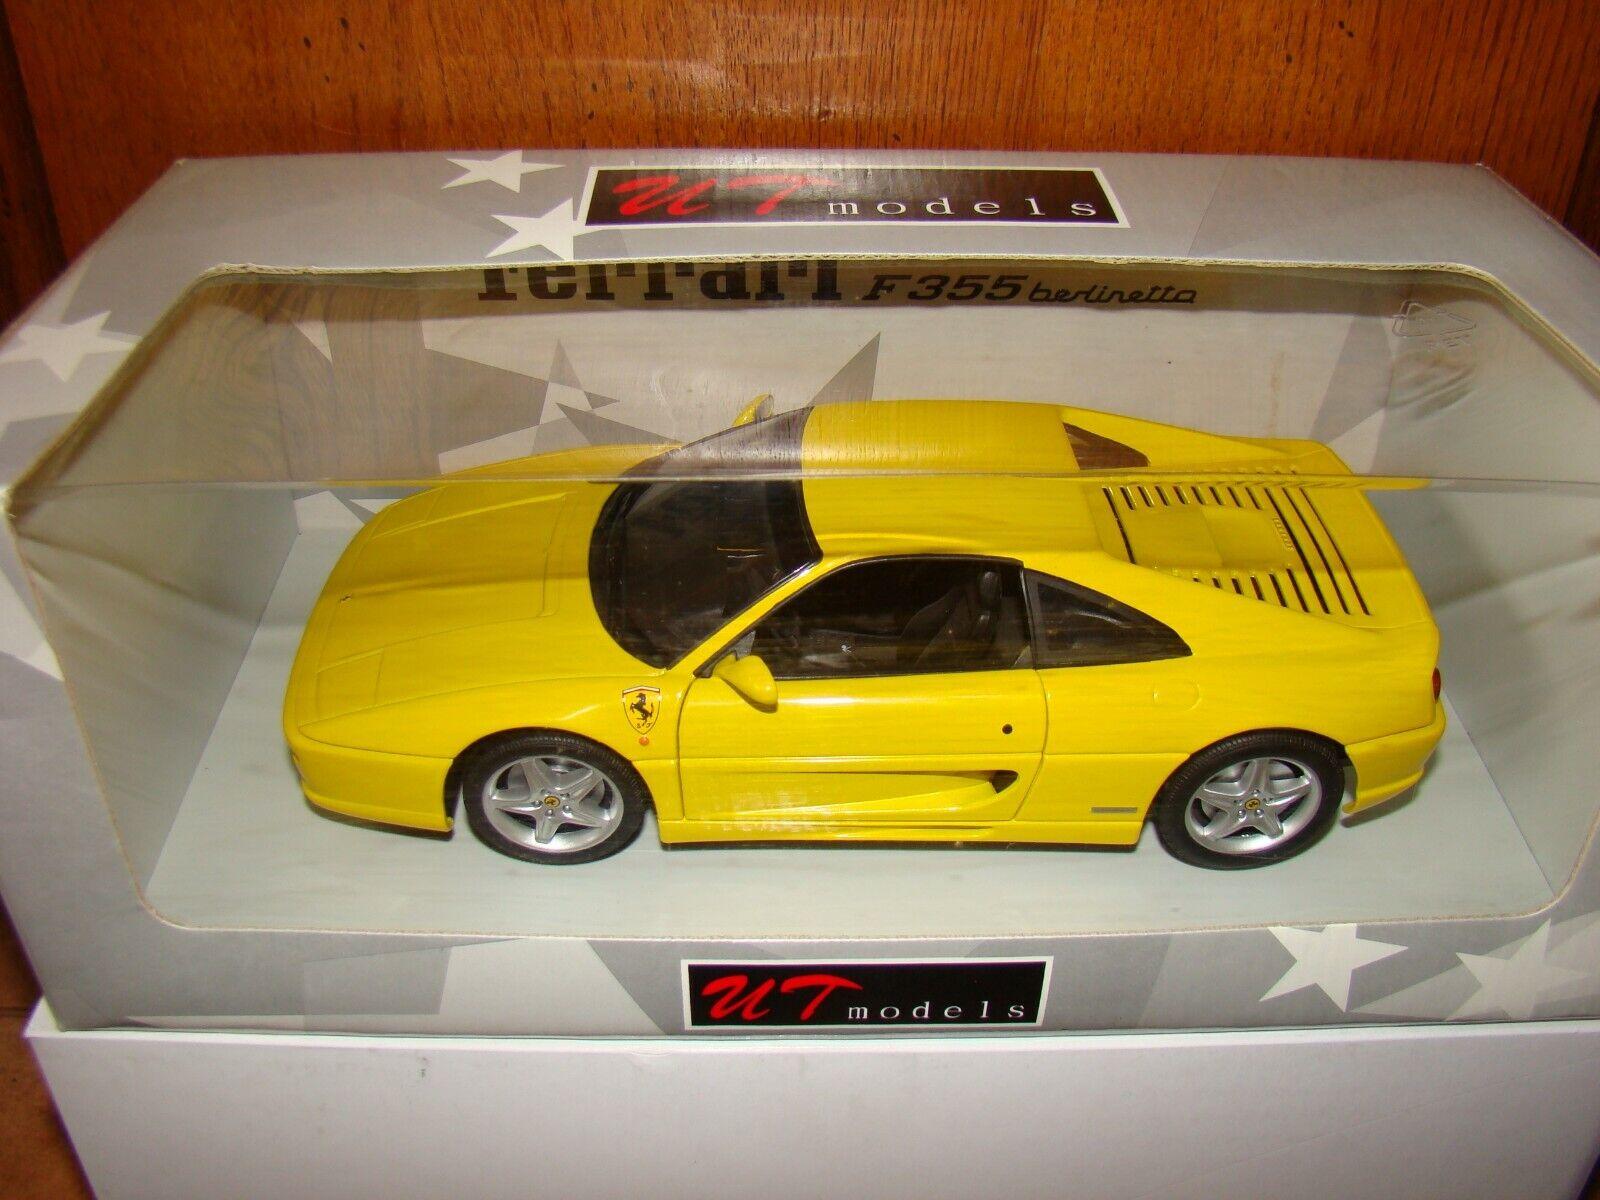 FERRARI 355 GTB UT MODELS amarillo ECHELLE 1 18 EME SOLD OUT súperBE ET RARE